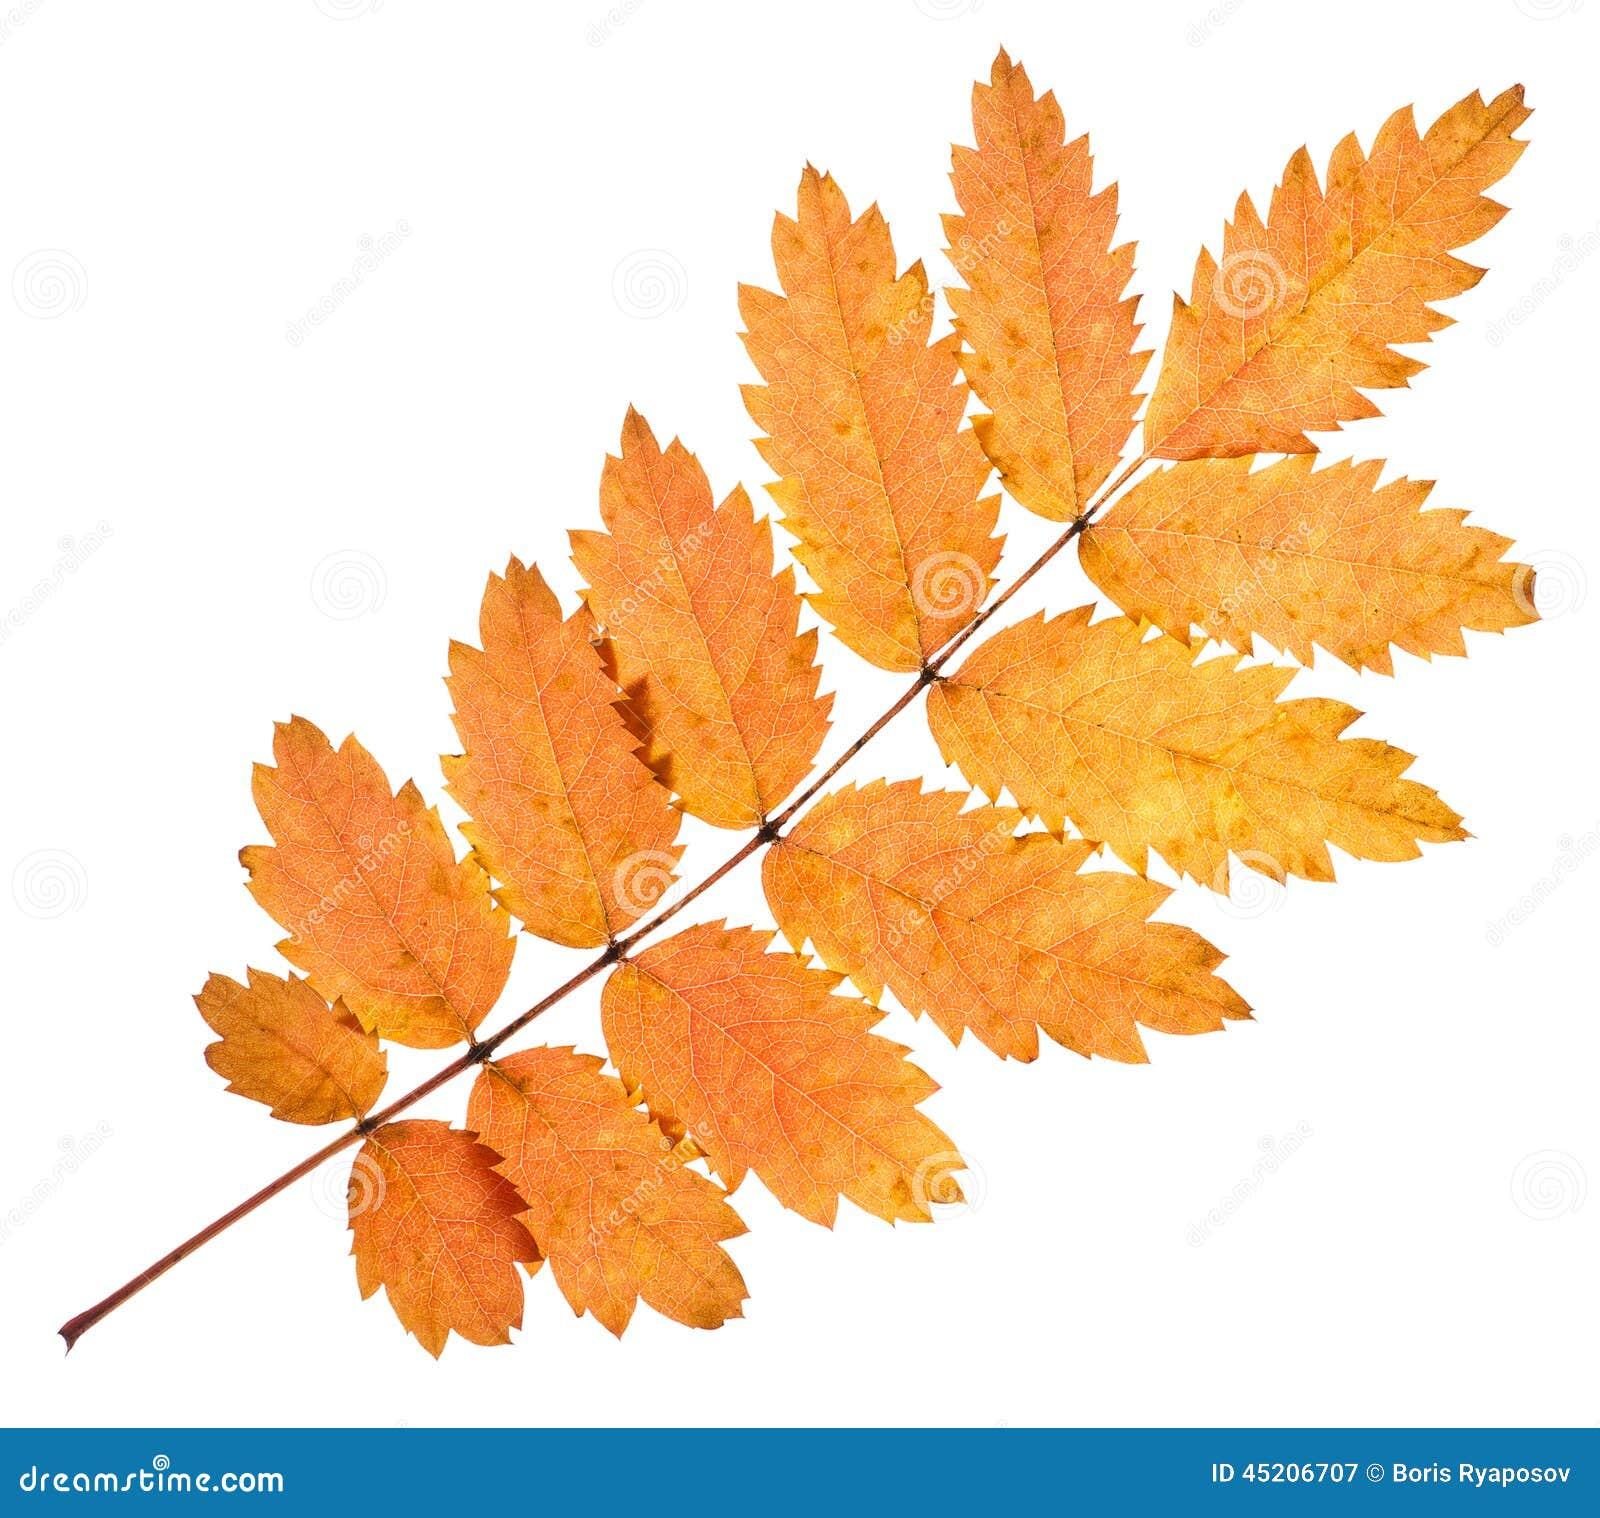 Картинки лист рябины осенью